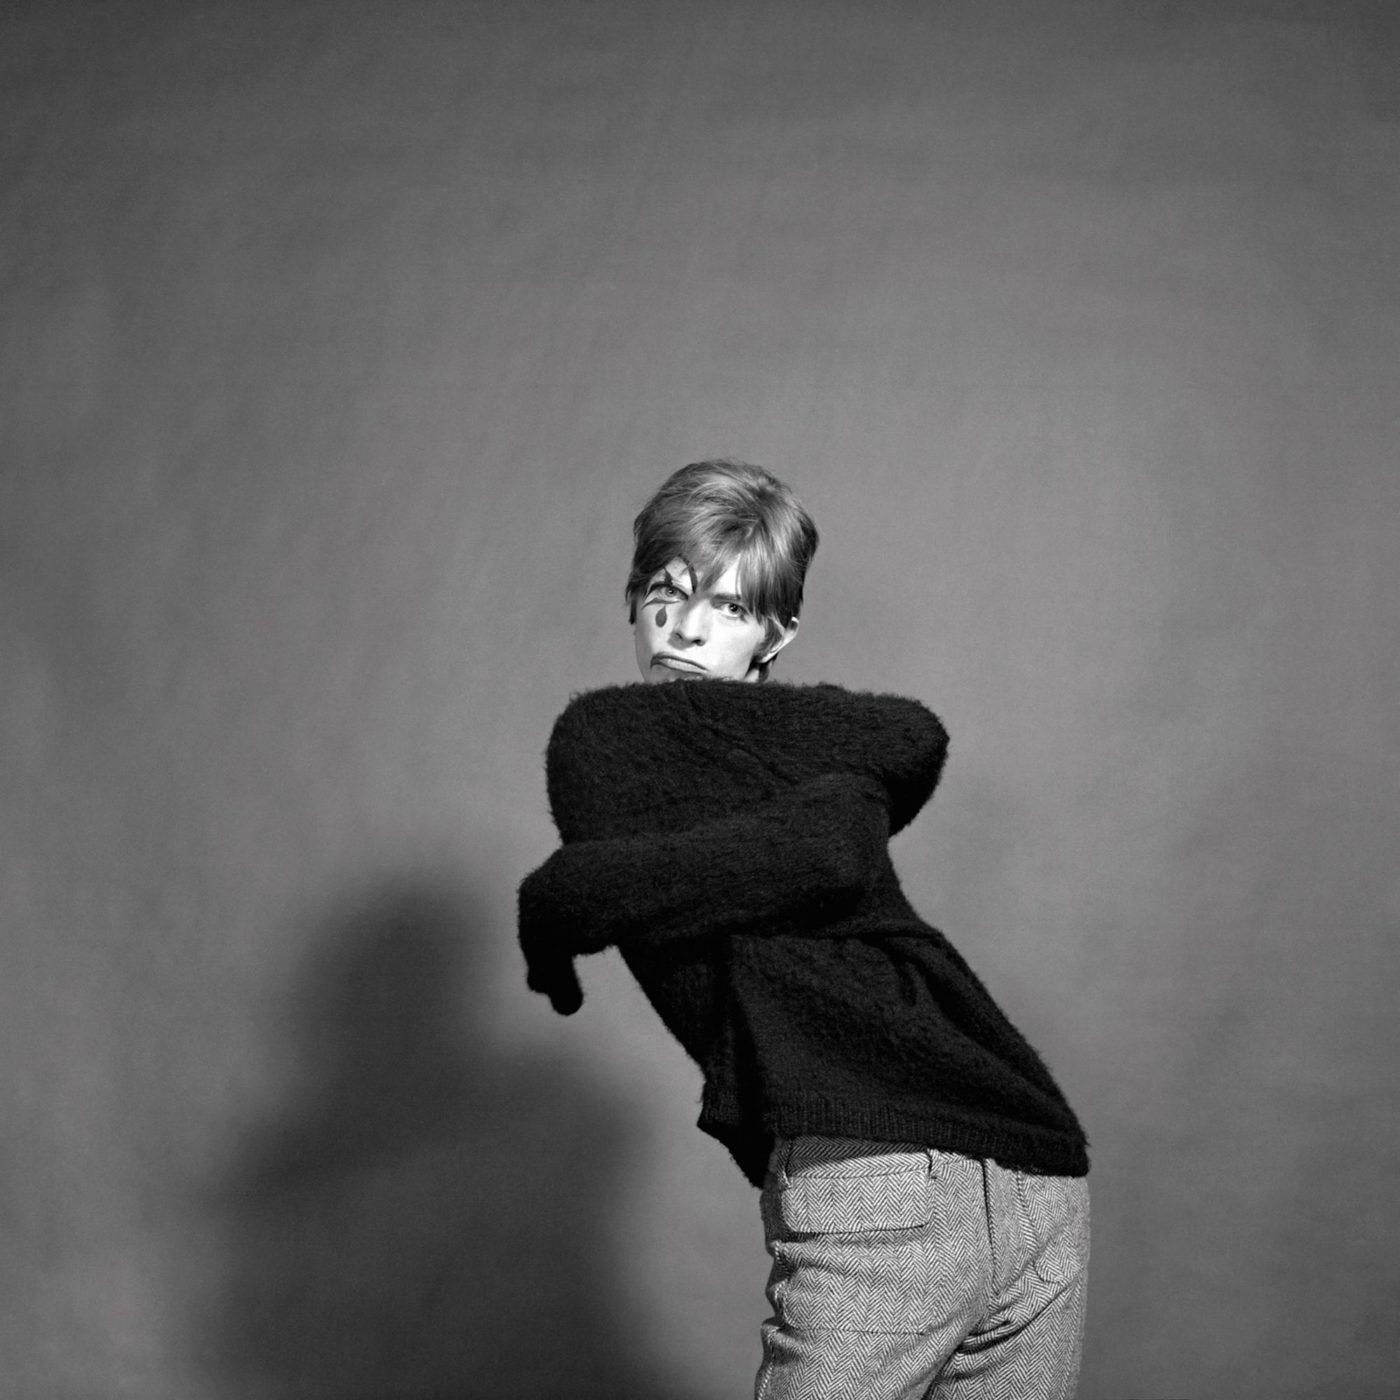 Czarno-białe zdjęcie wygiętego mężczyzny obejmujące się swoimi ramionami, w czarnym swetrze